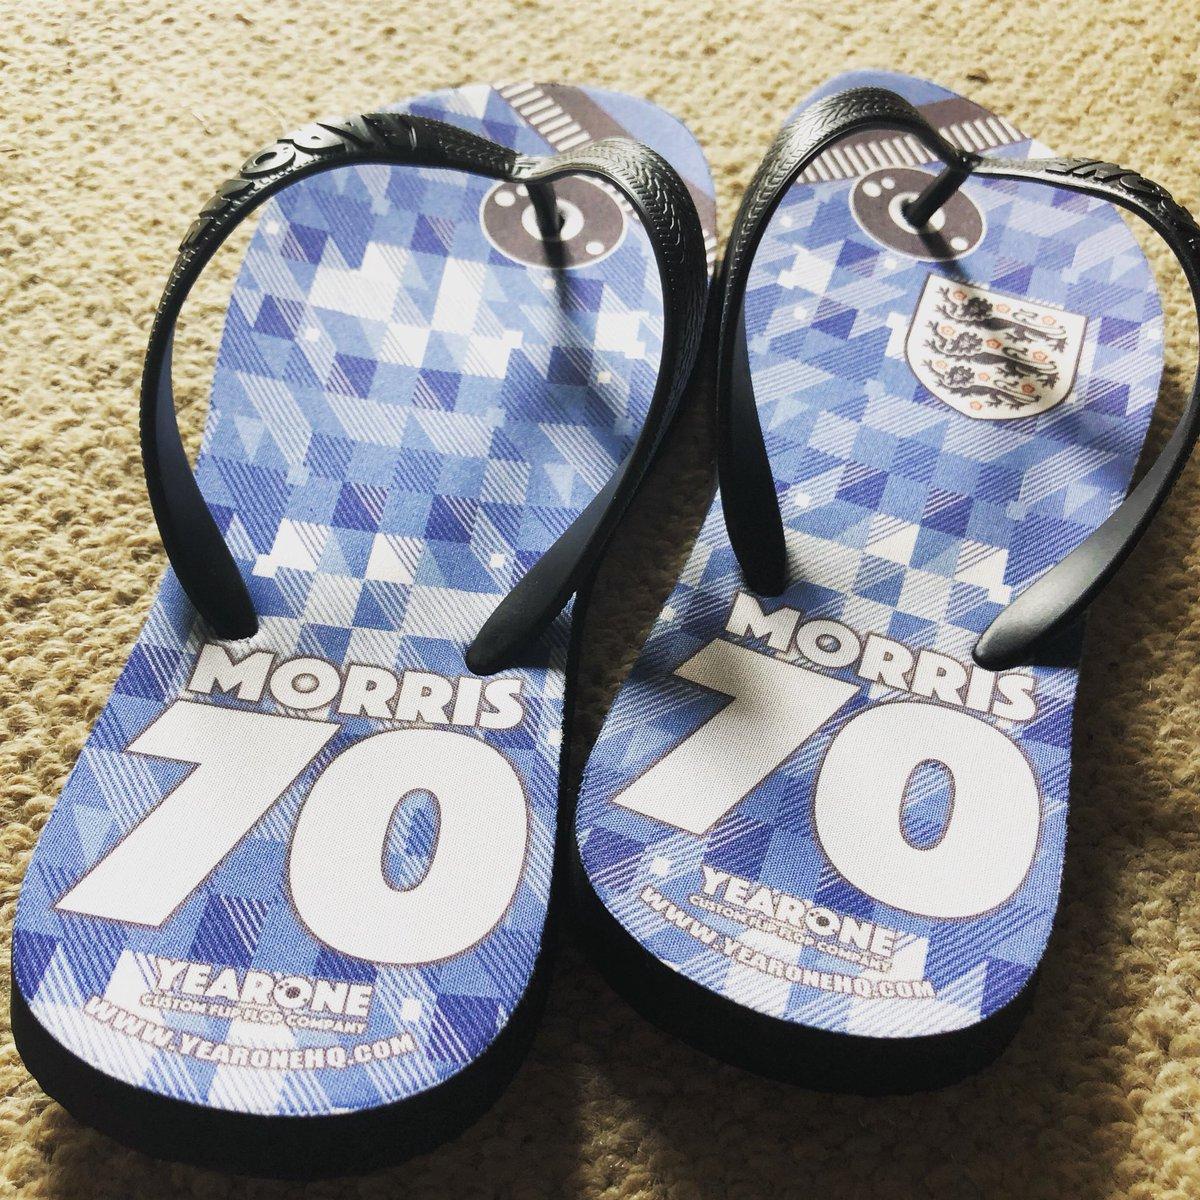 78704920326f Yearone Custom Flip Flops on Twitter